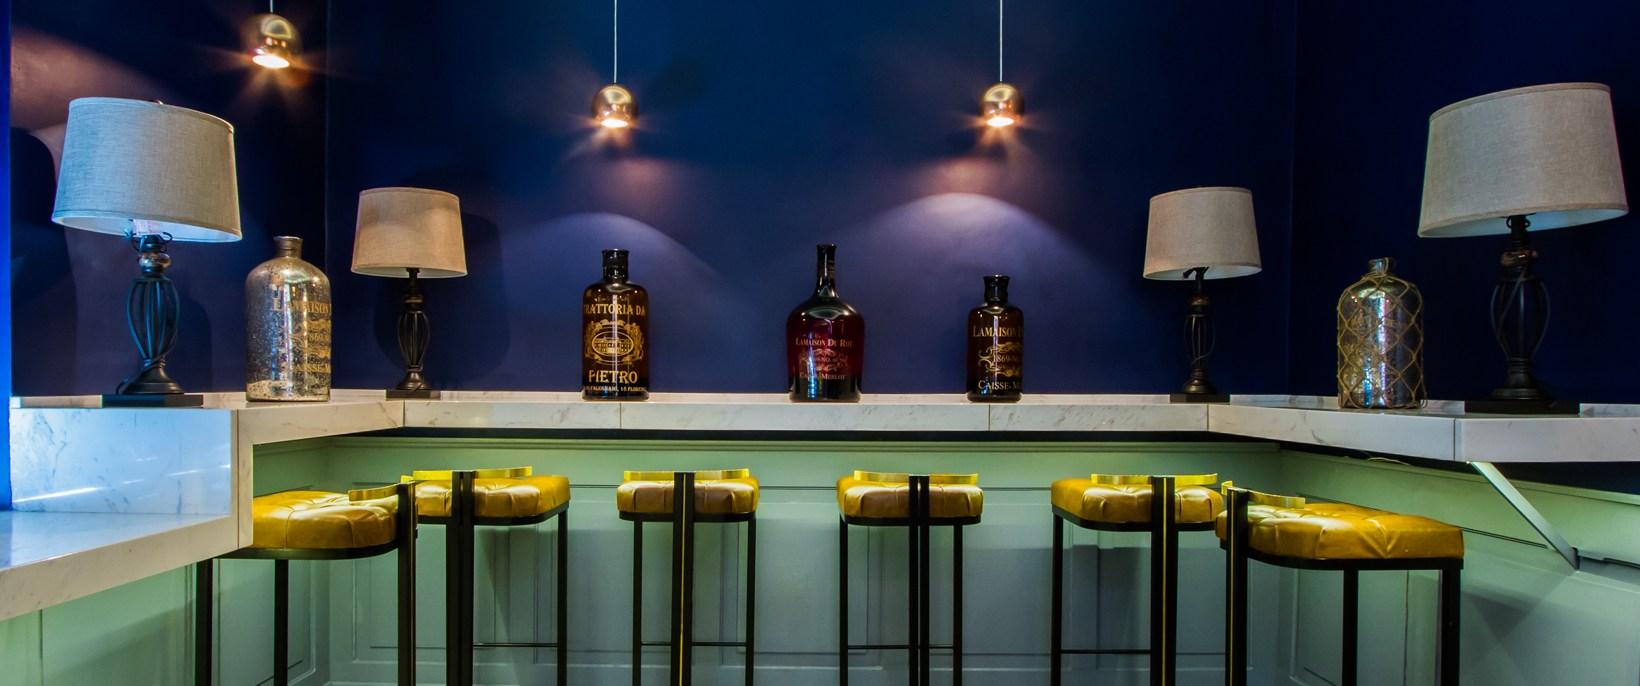 The bar at Padella